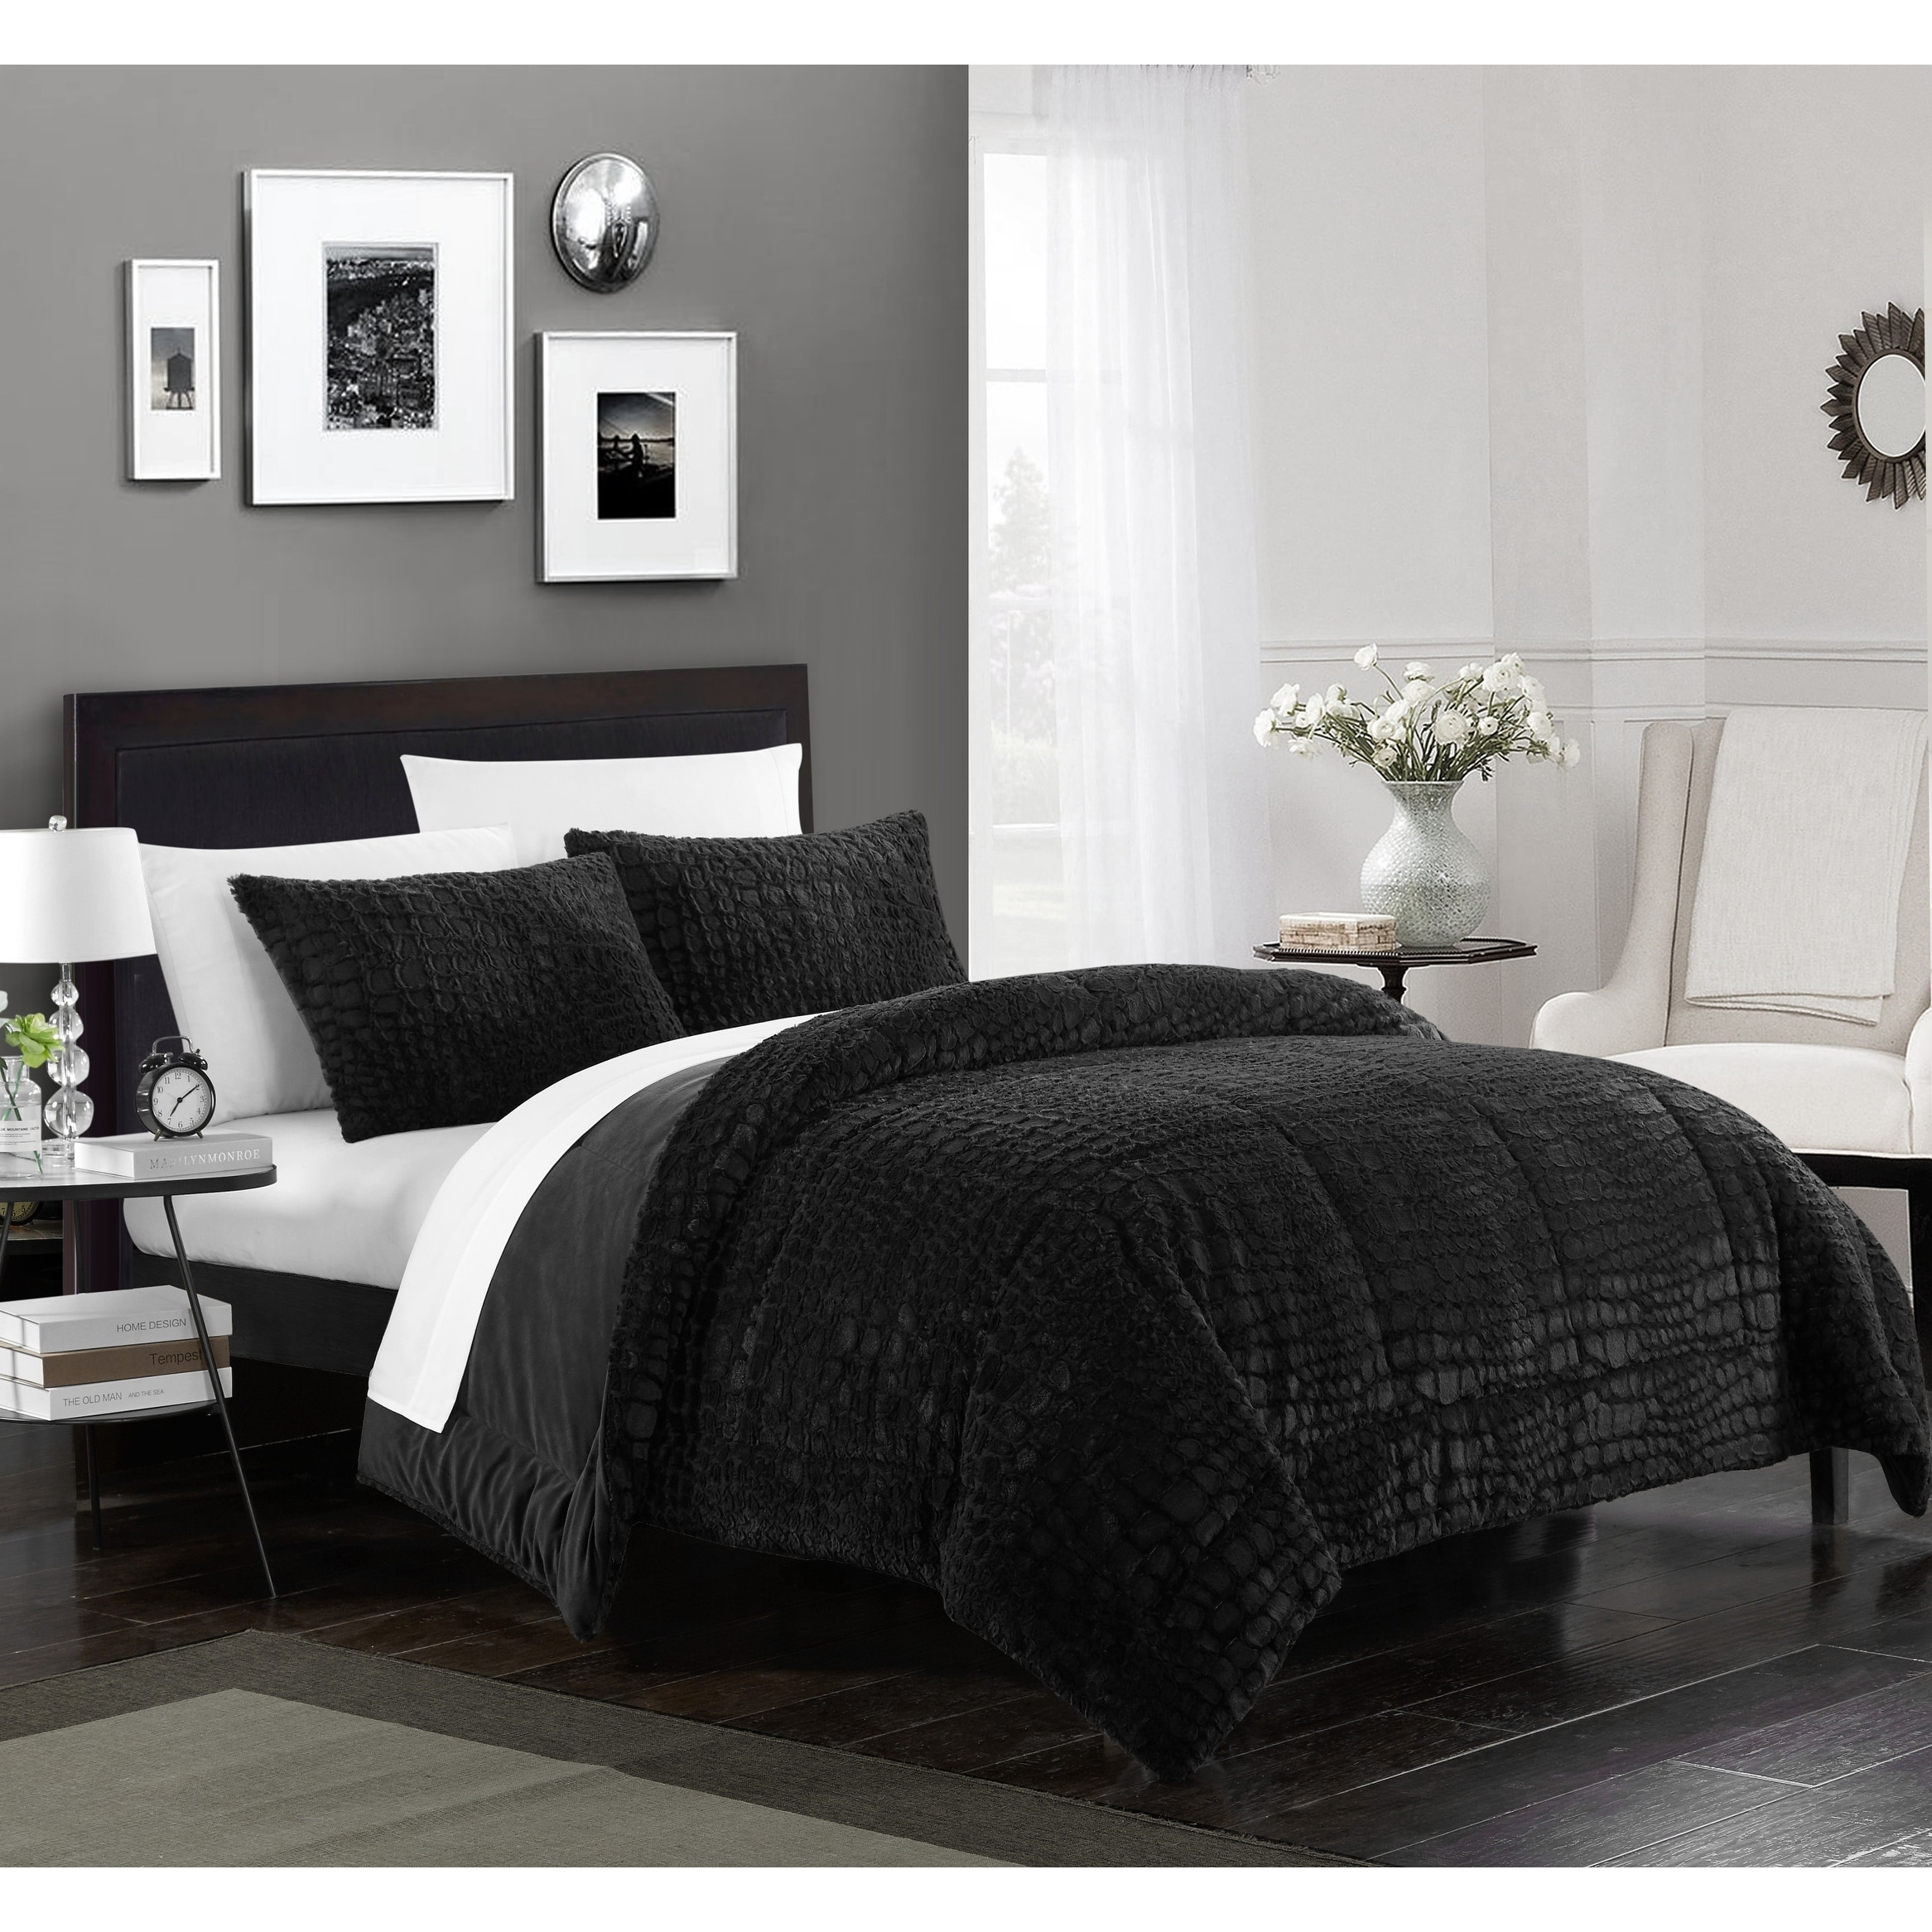 of bedroom ideas full comforter sets men in bedding decor uncategorized luxury nice birdcages size boy masculine finest kohls for lively bed